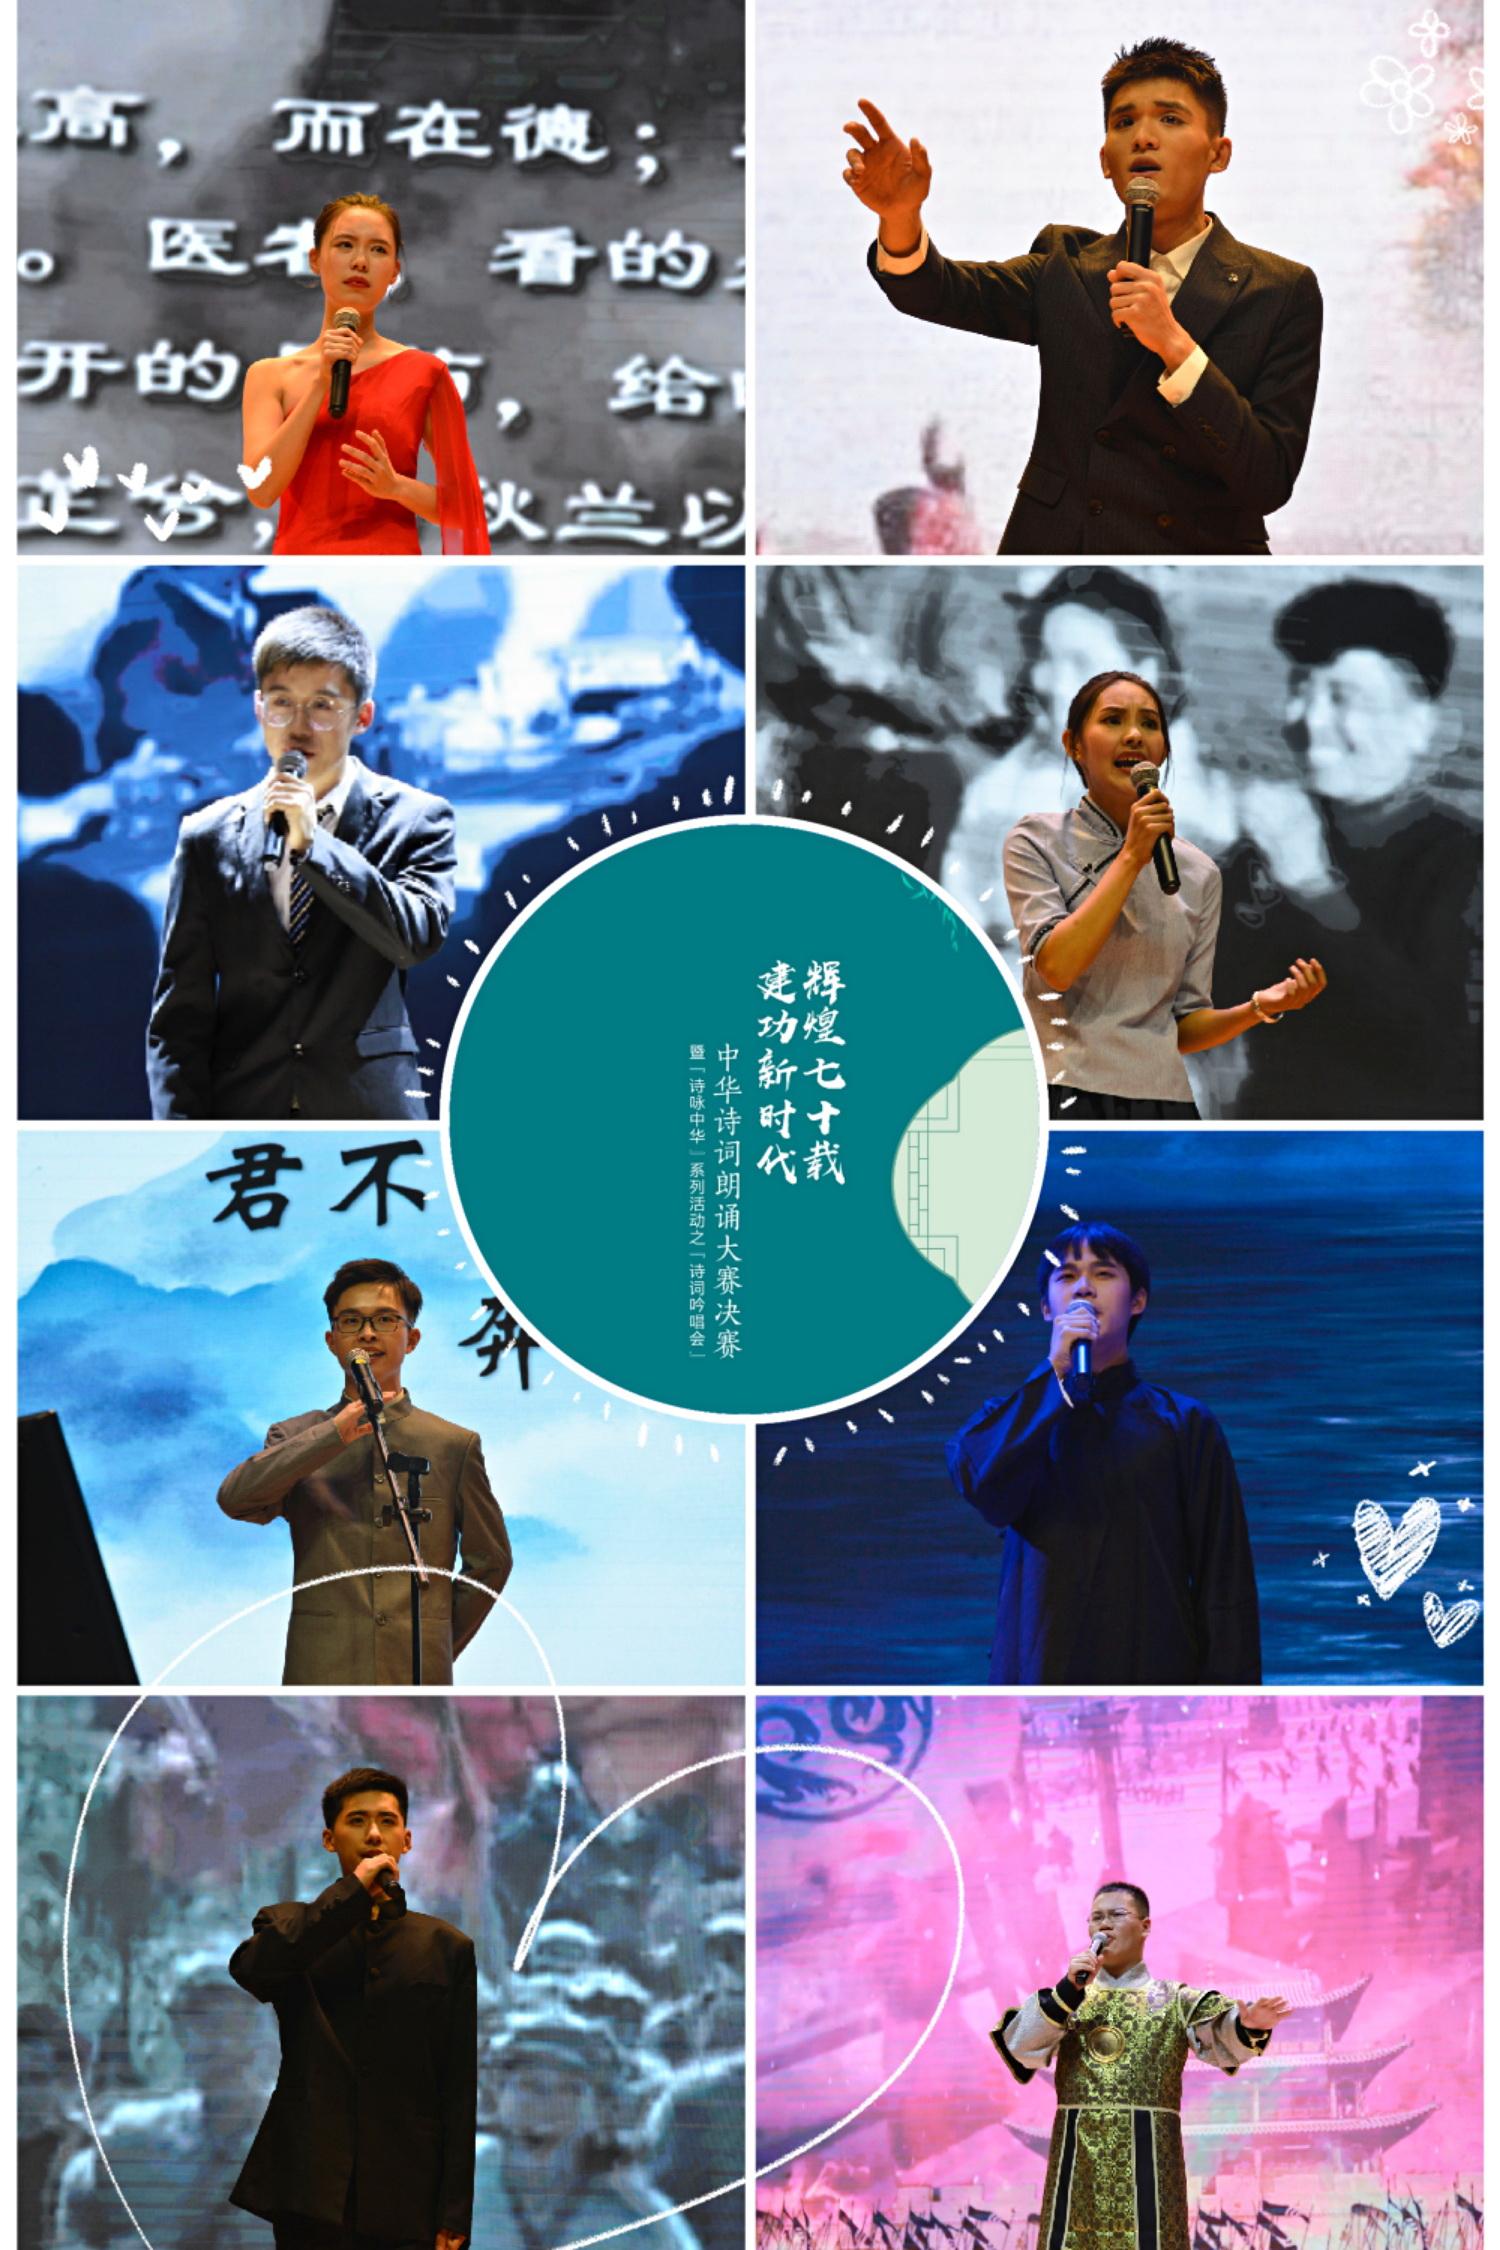 【慶祝新中國成立70年】中華詩詞創作與朗誦大賽暨詩詞吟唱會舉行